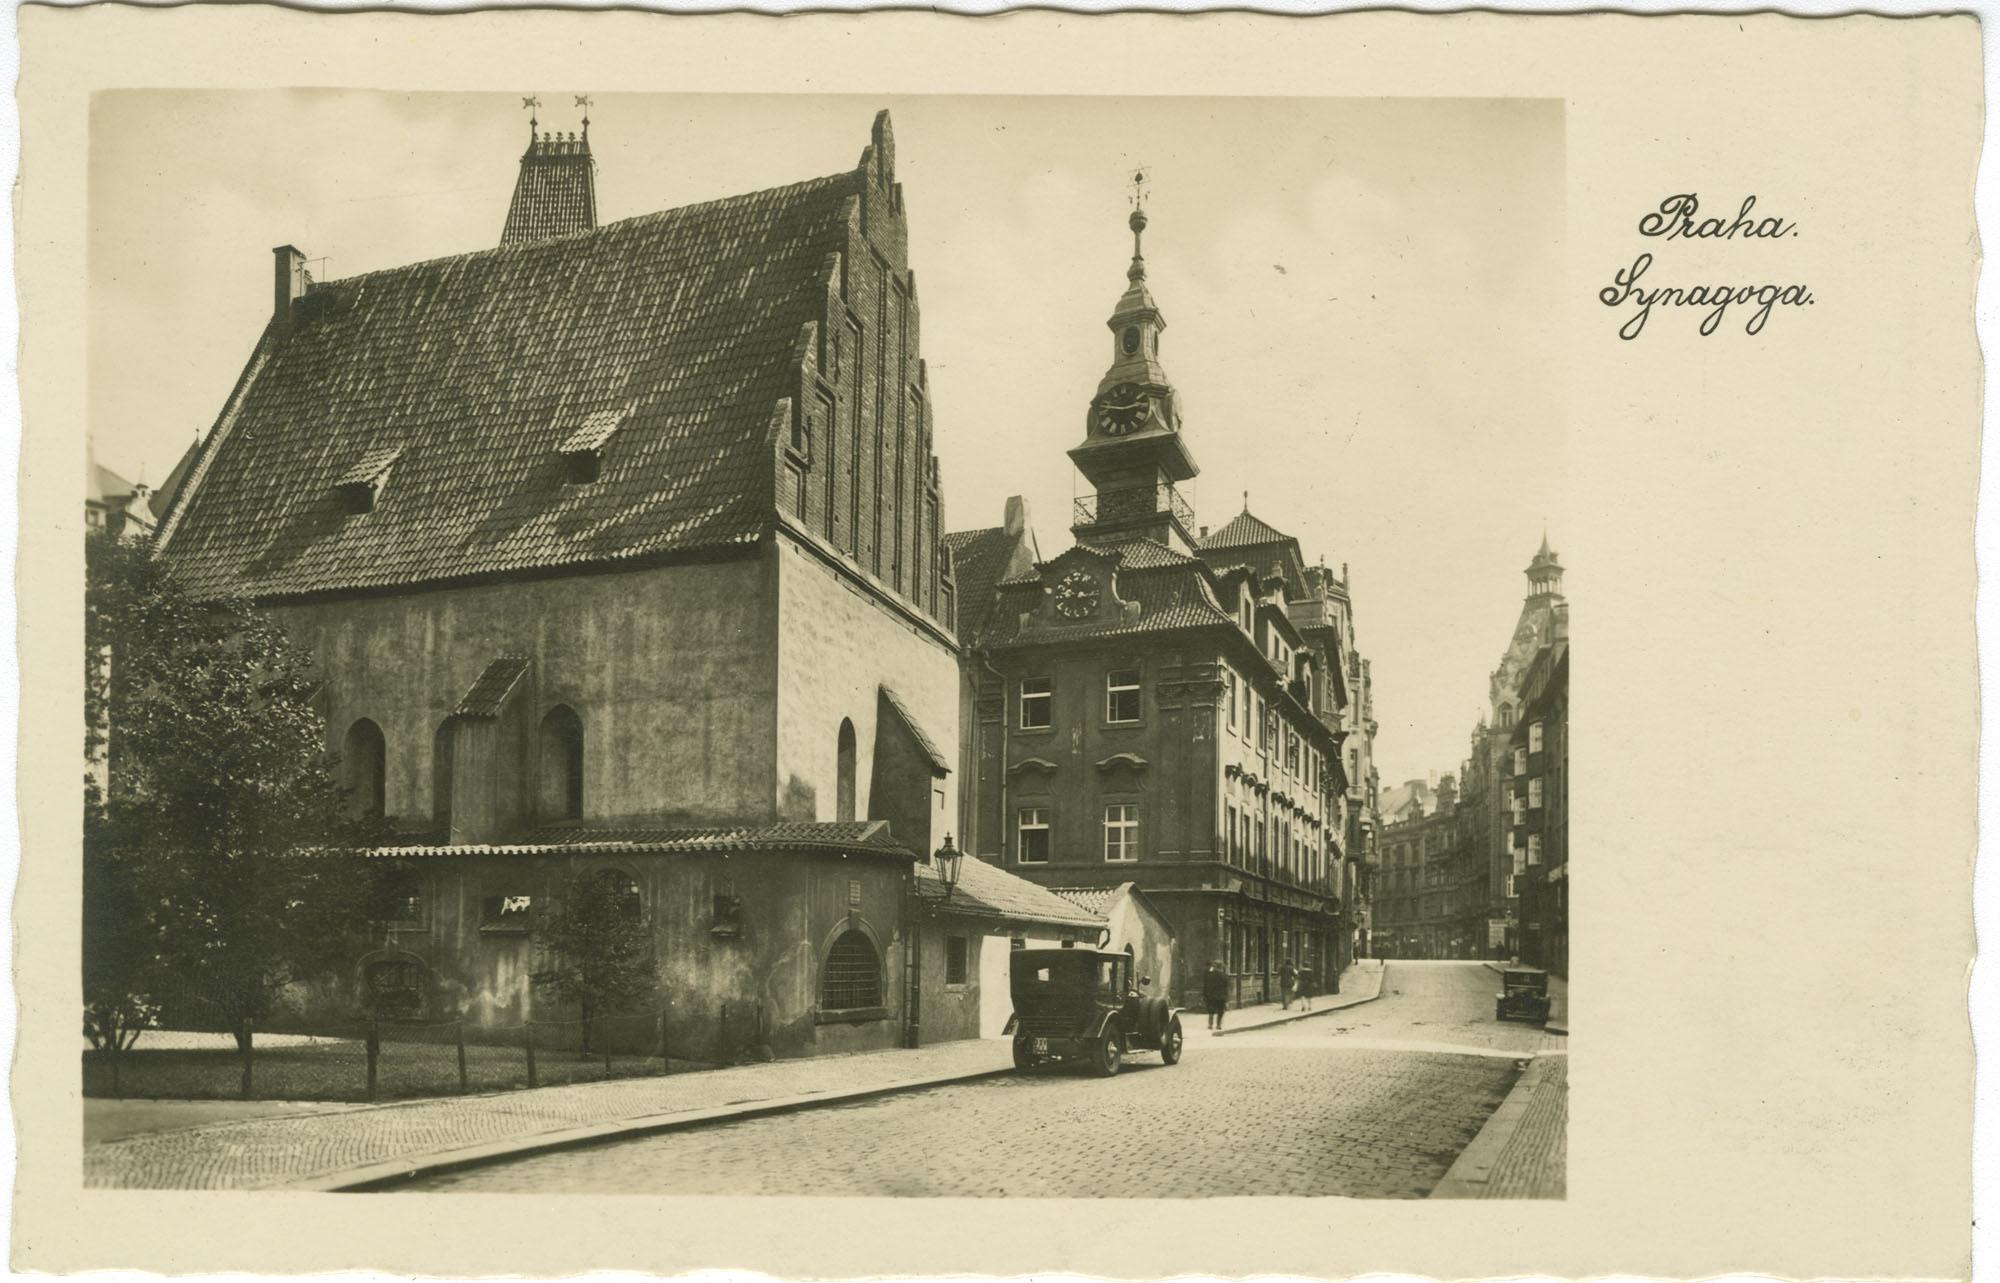 Praha. Synagoga.